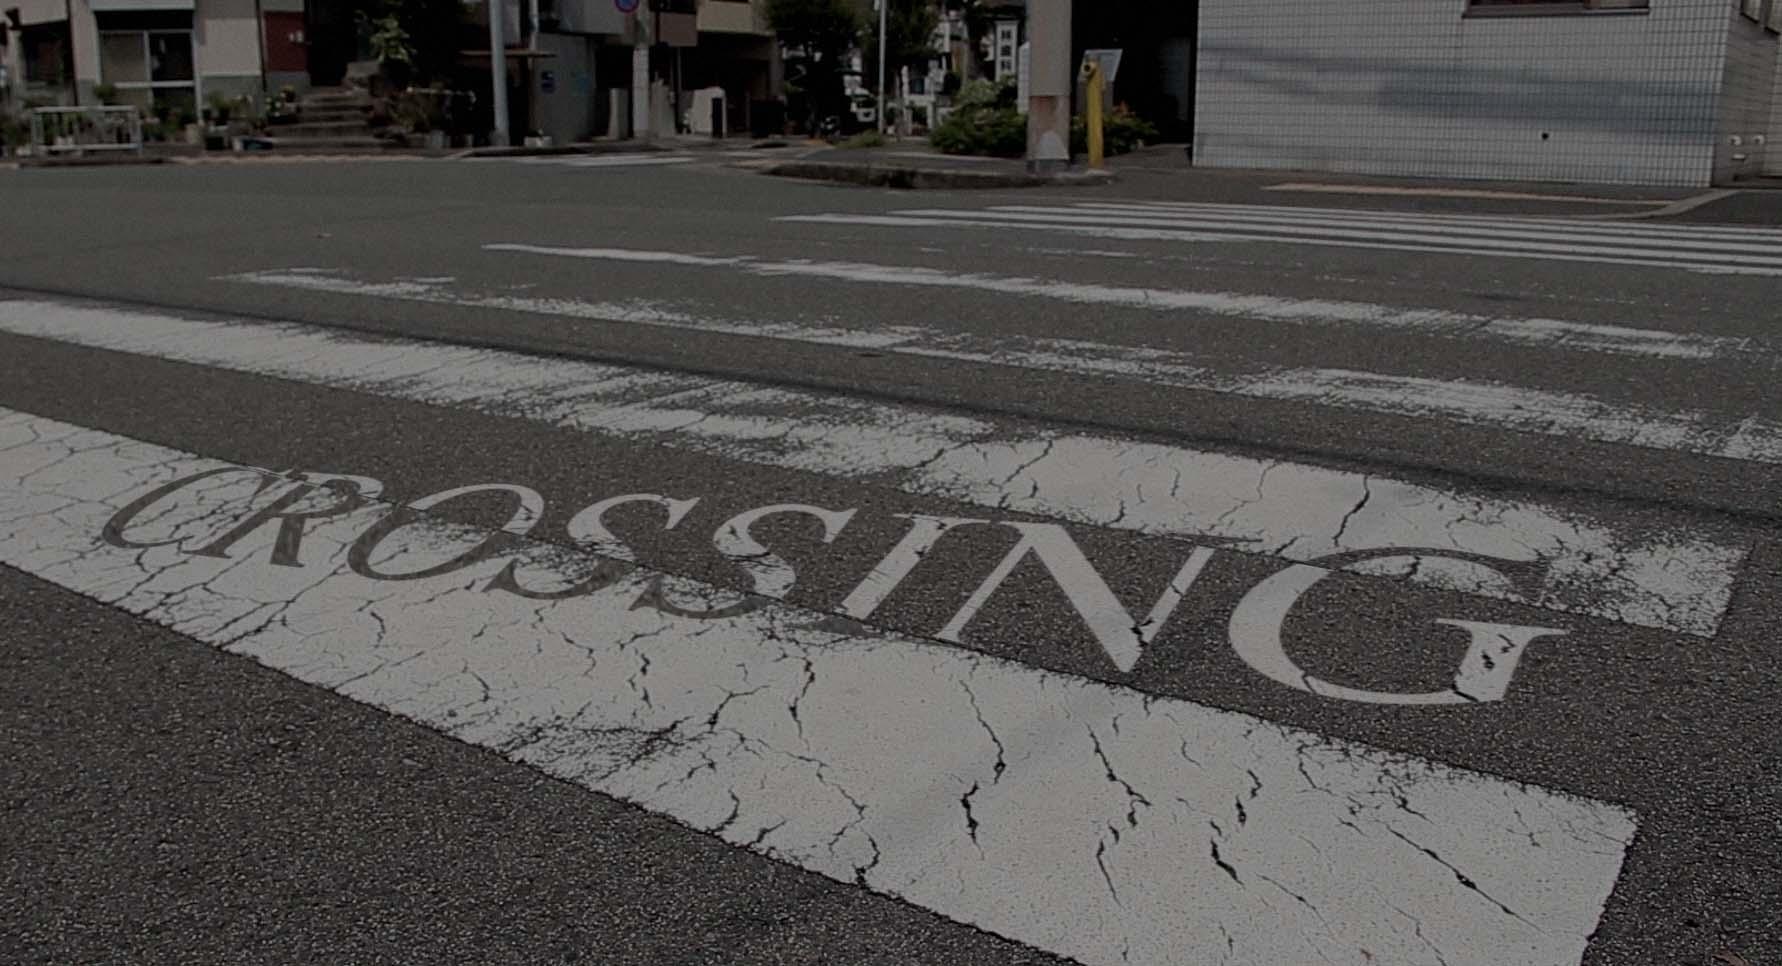 【シブストシネマ】21時。渋谷の路上が映画館になる。今週の上映作品は『3分間